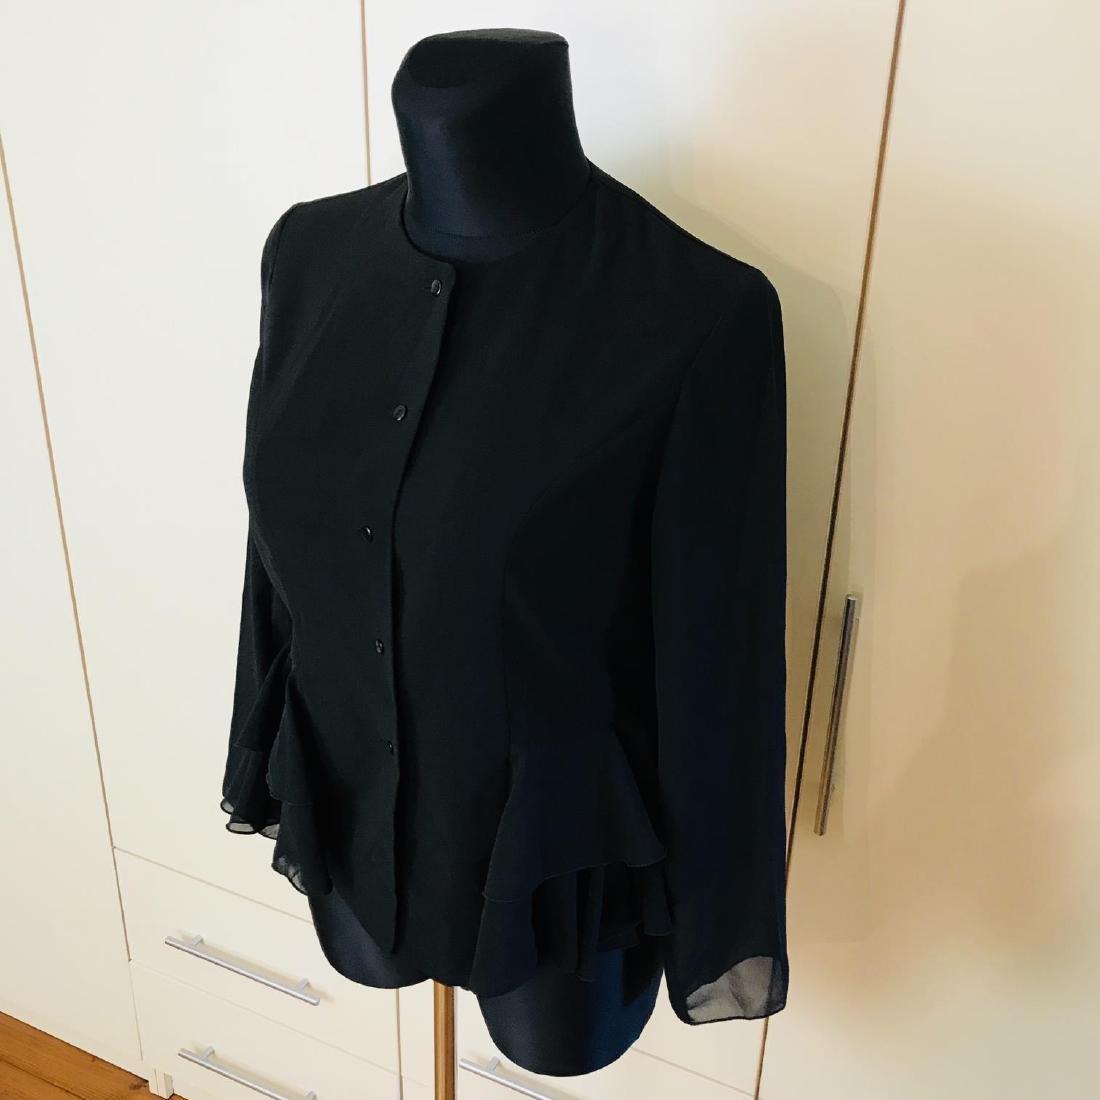 Vintage Women's Black Blouse Shirt Top Size EUR 40 US - 2